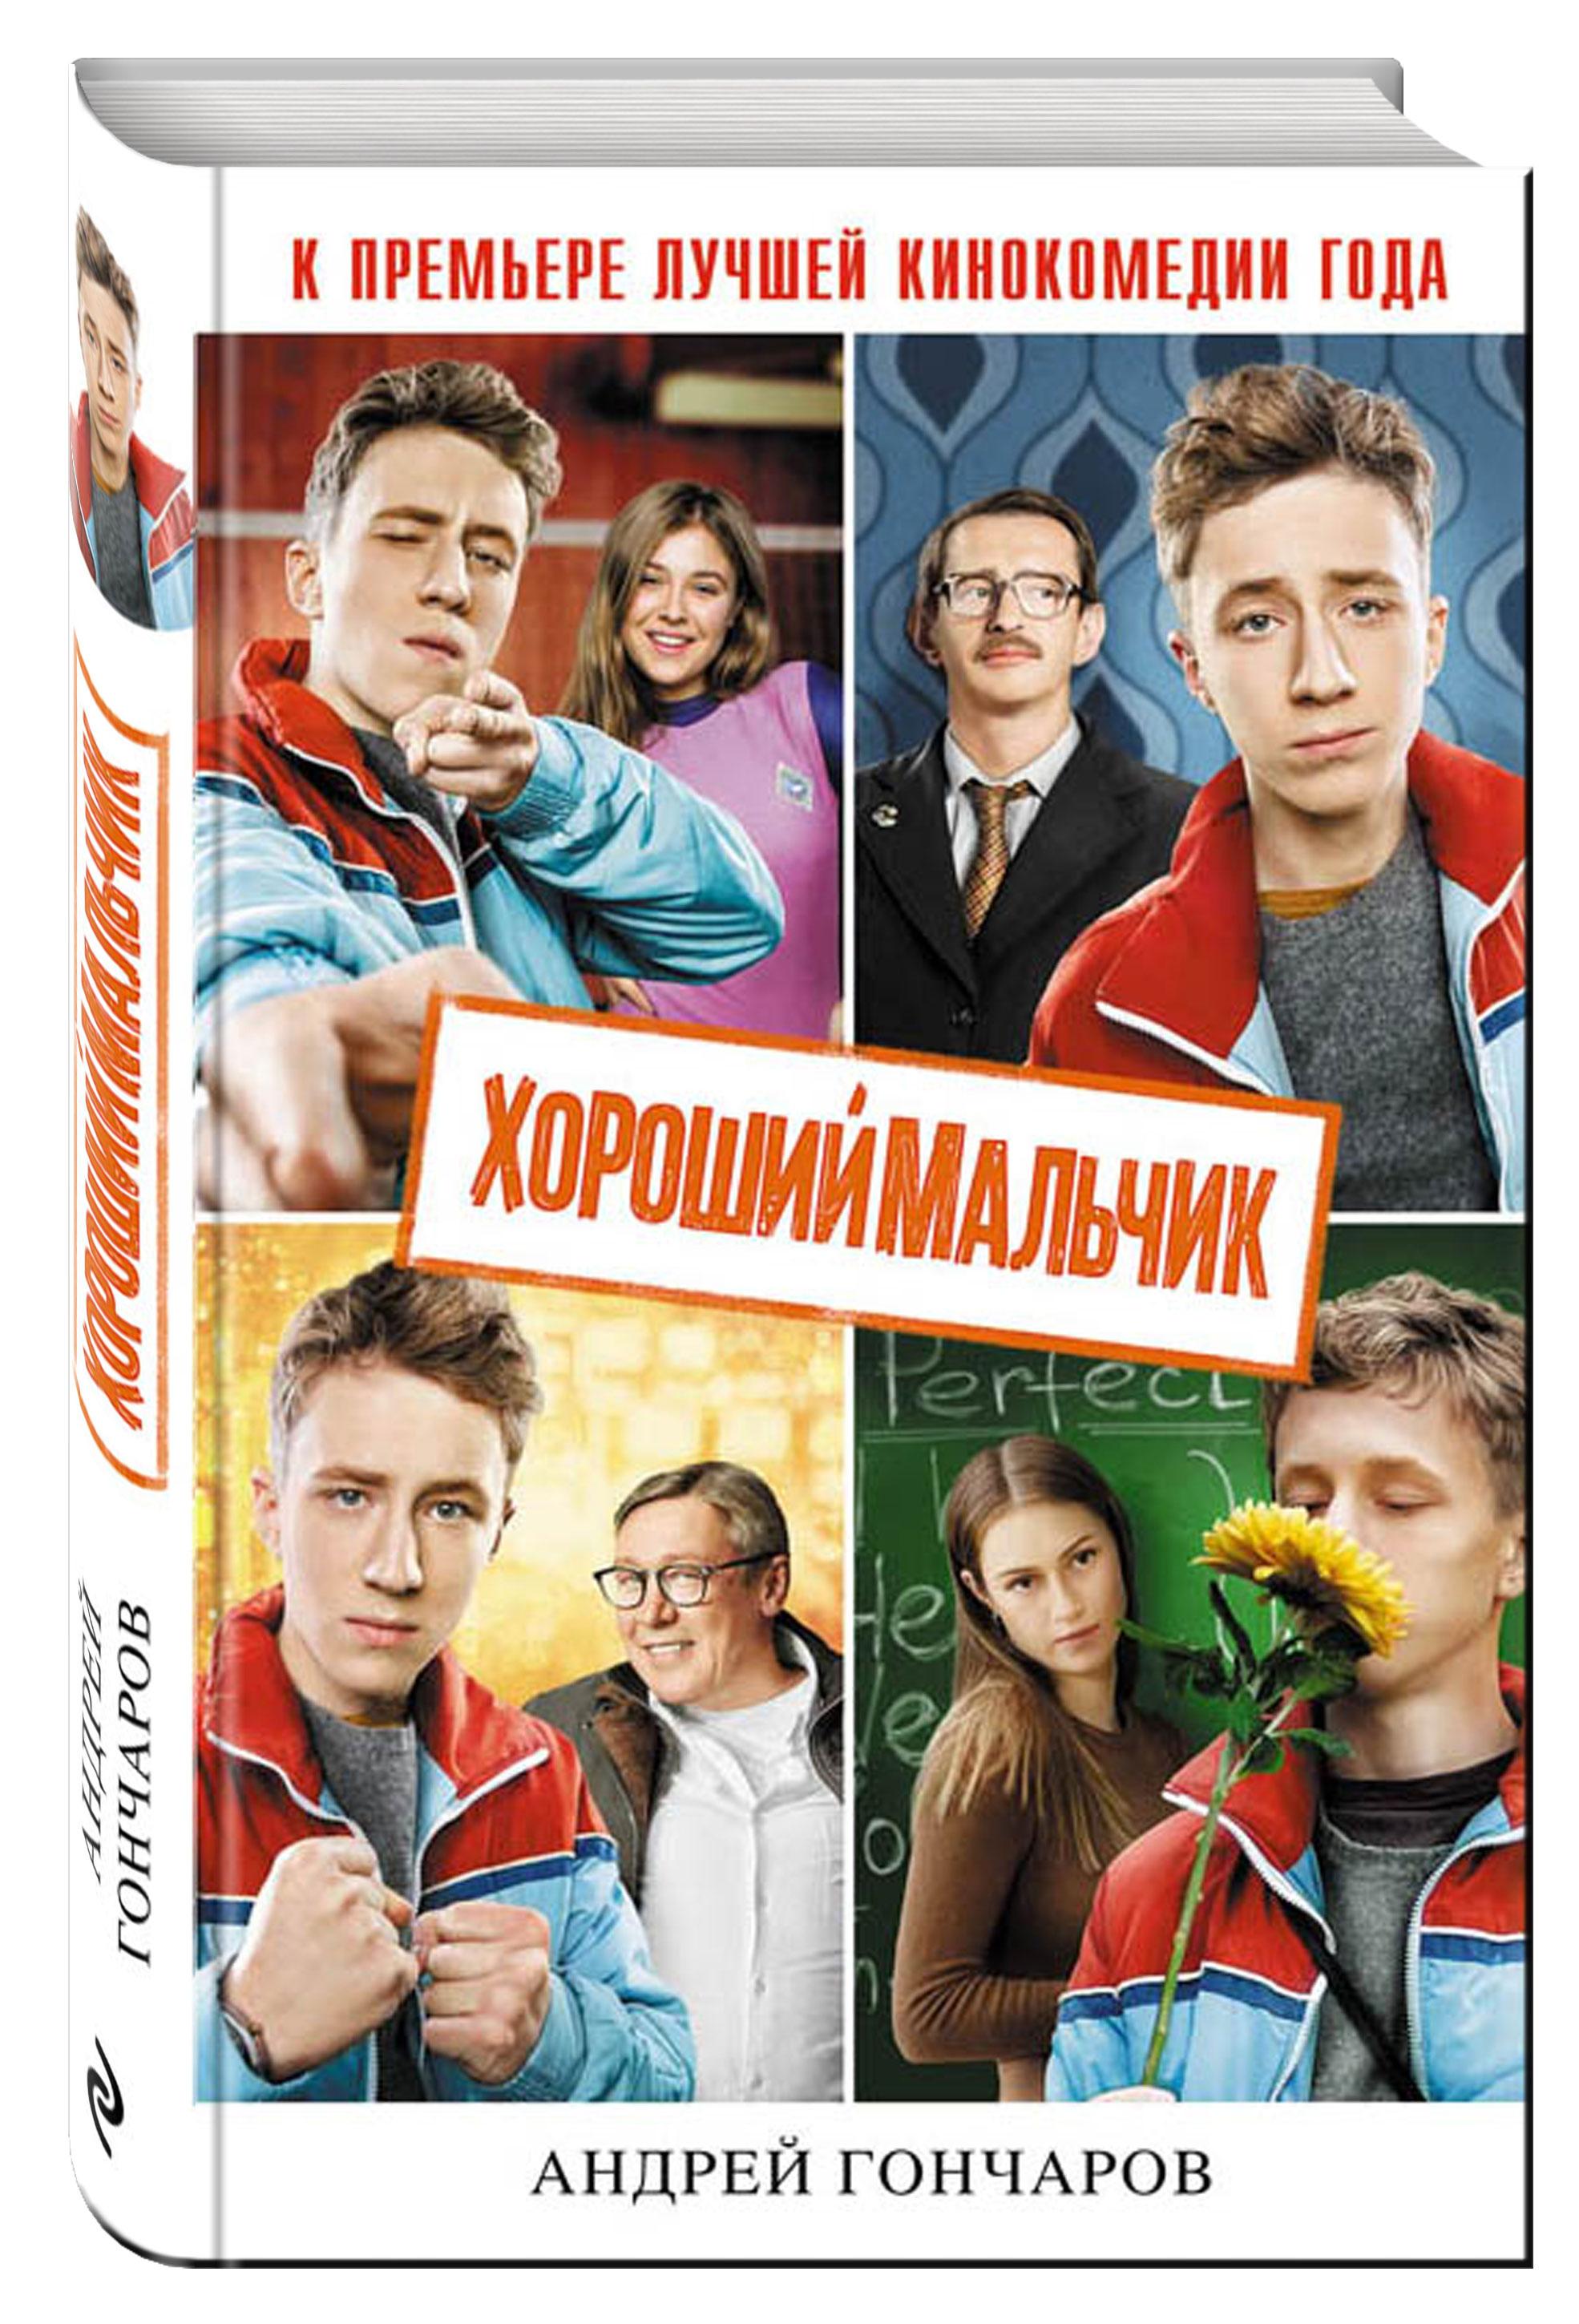 Андрей Гончаров Хороший мальчик